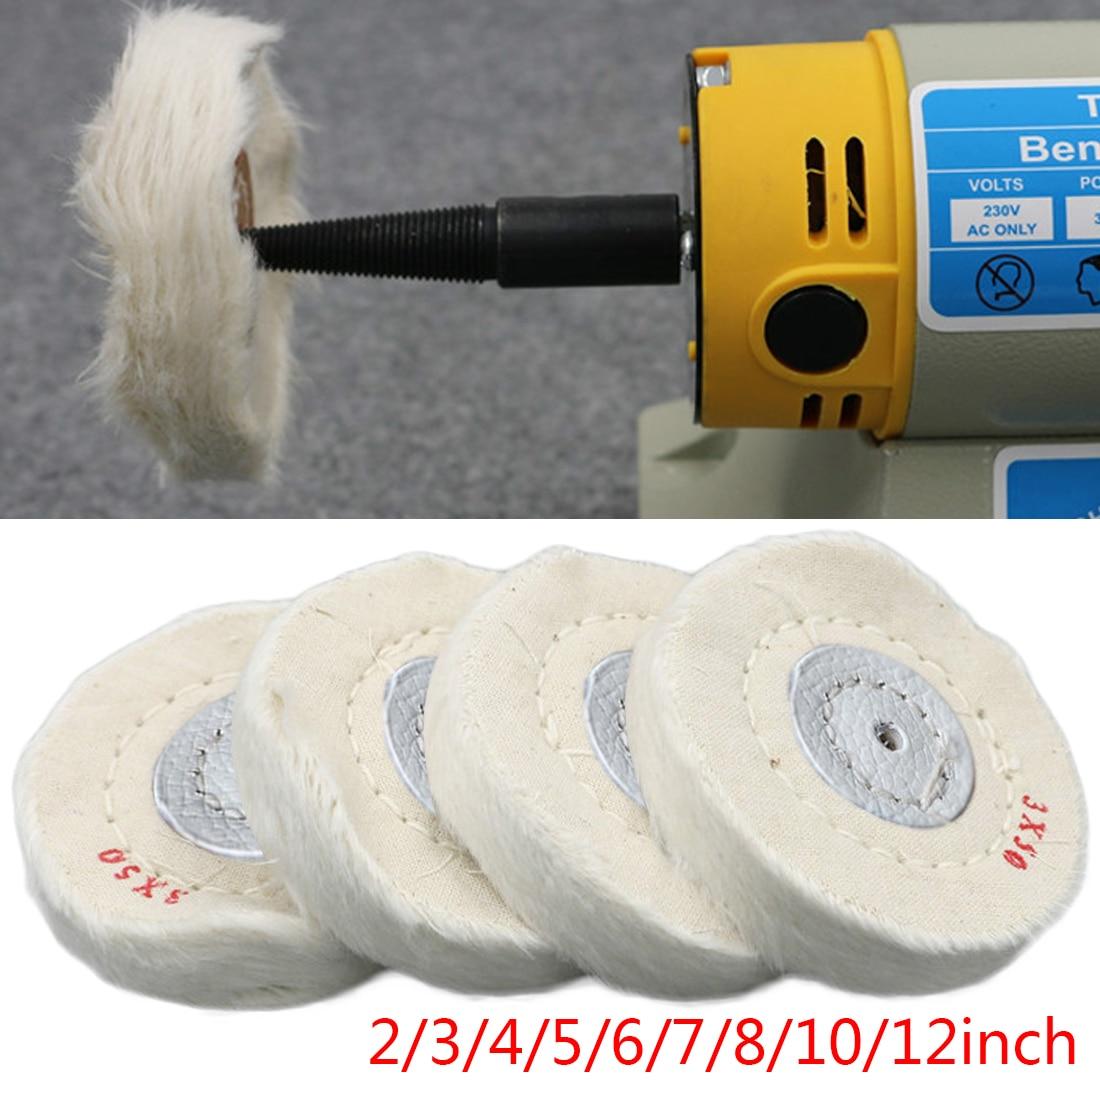 2-12 inch wielen polijsten polijstwiel katoen lint doek polijsten - Schurende gereedschappen - Foto 2